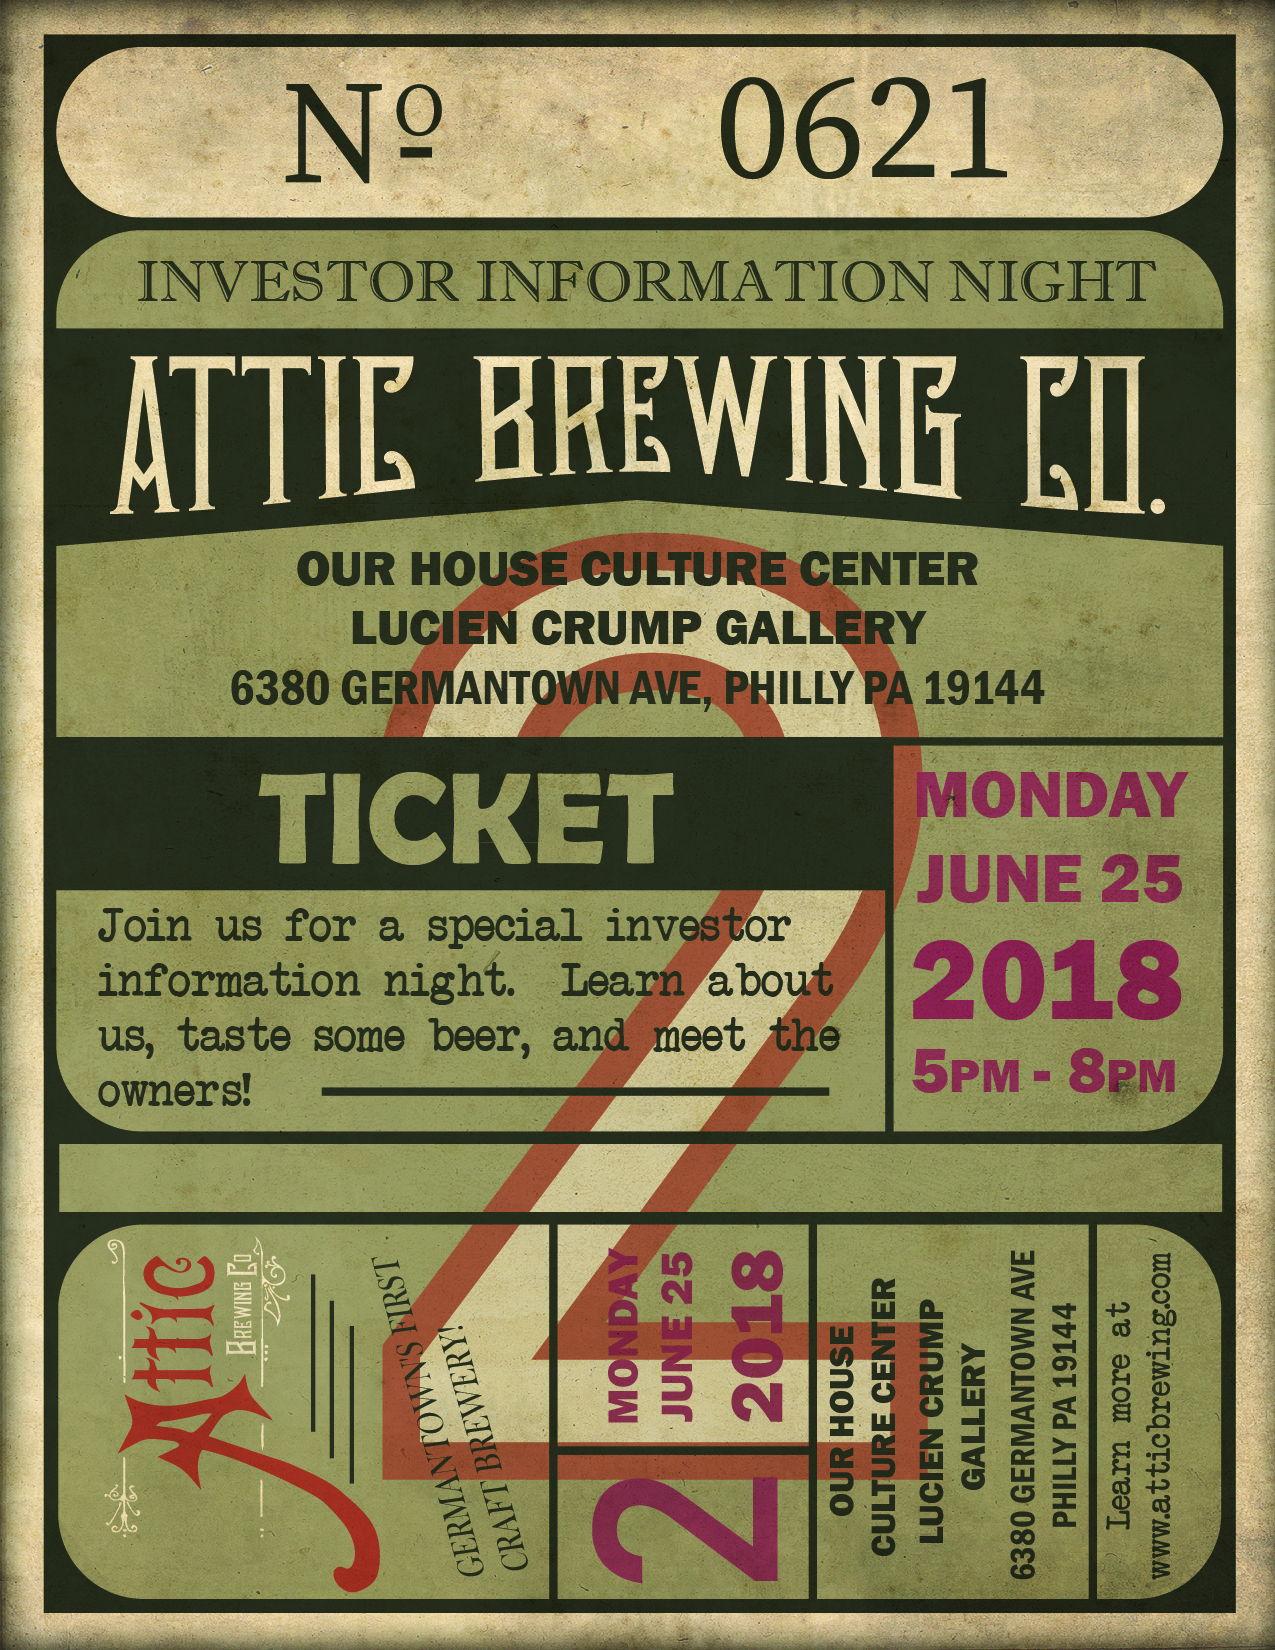 Investor night ticket-01.jpg